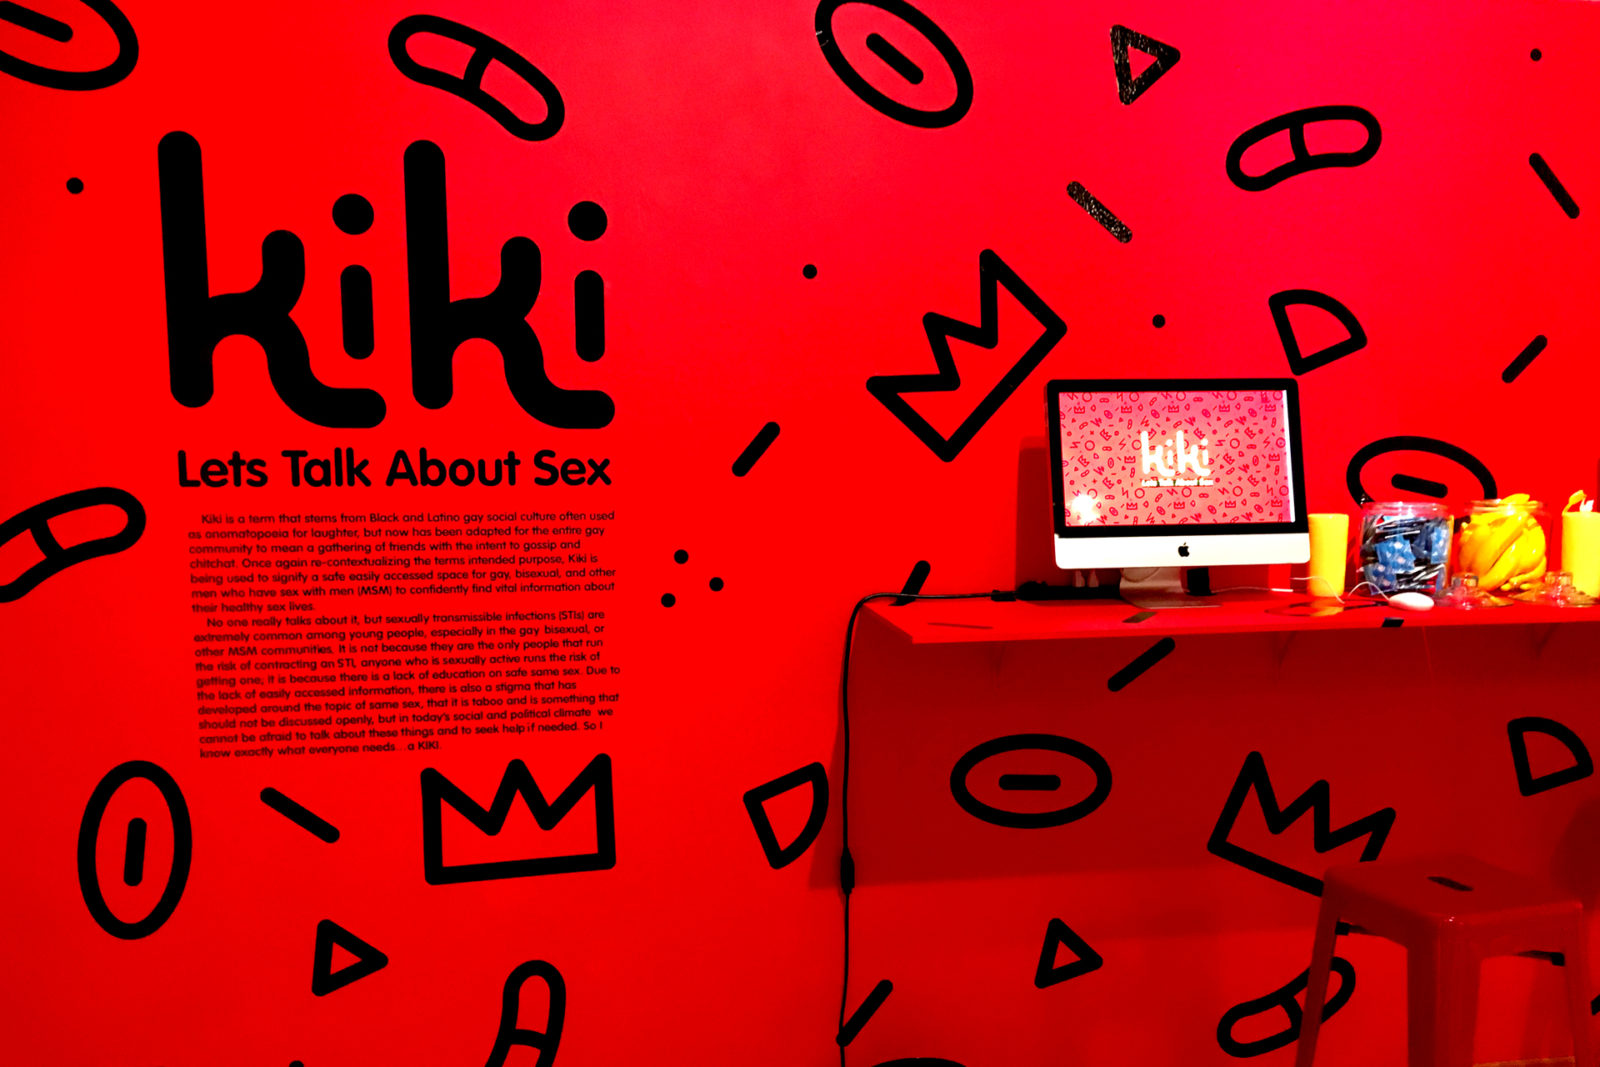 Kiki: Let's Talk About Sex